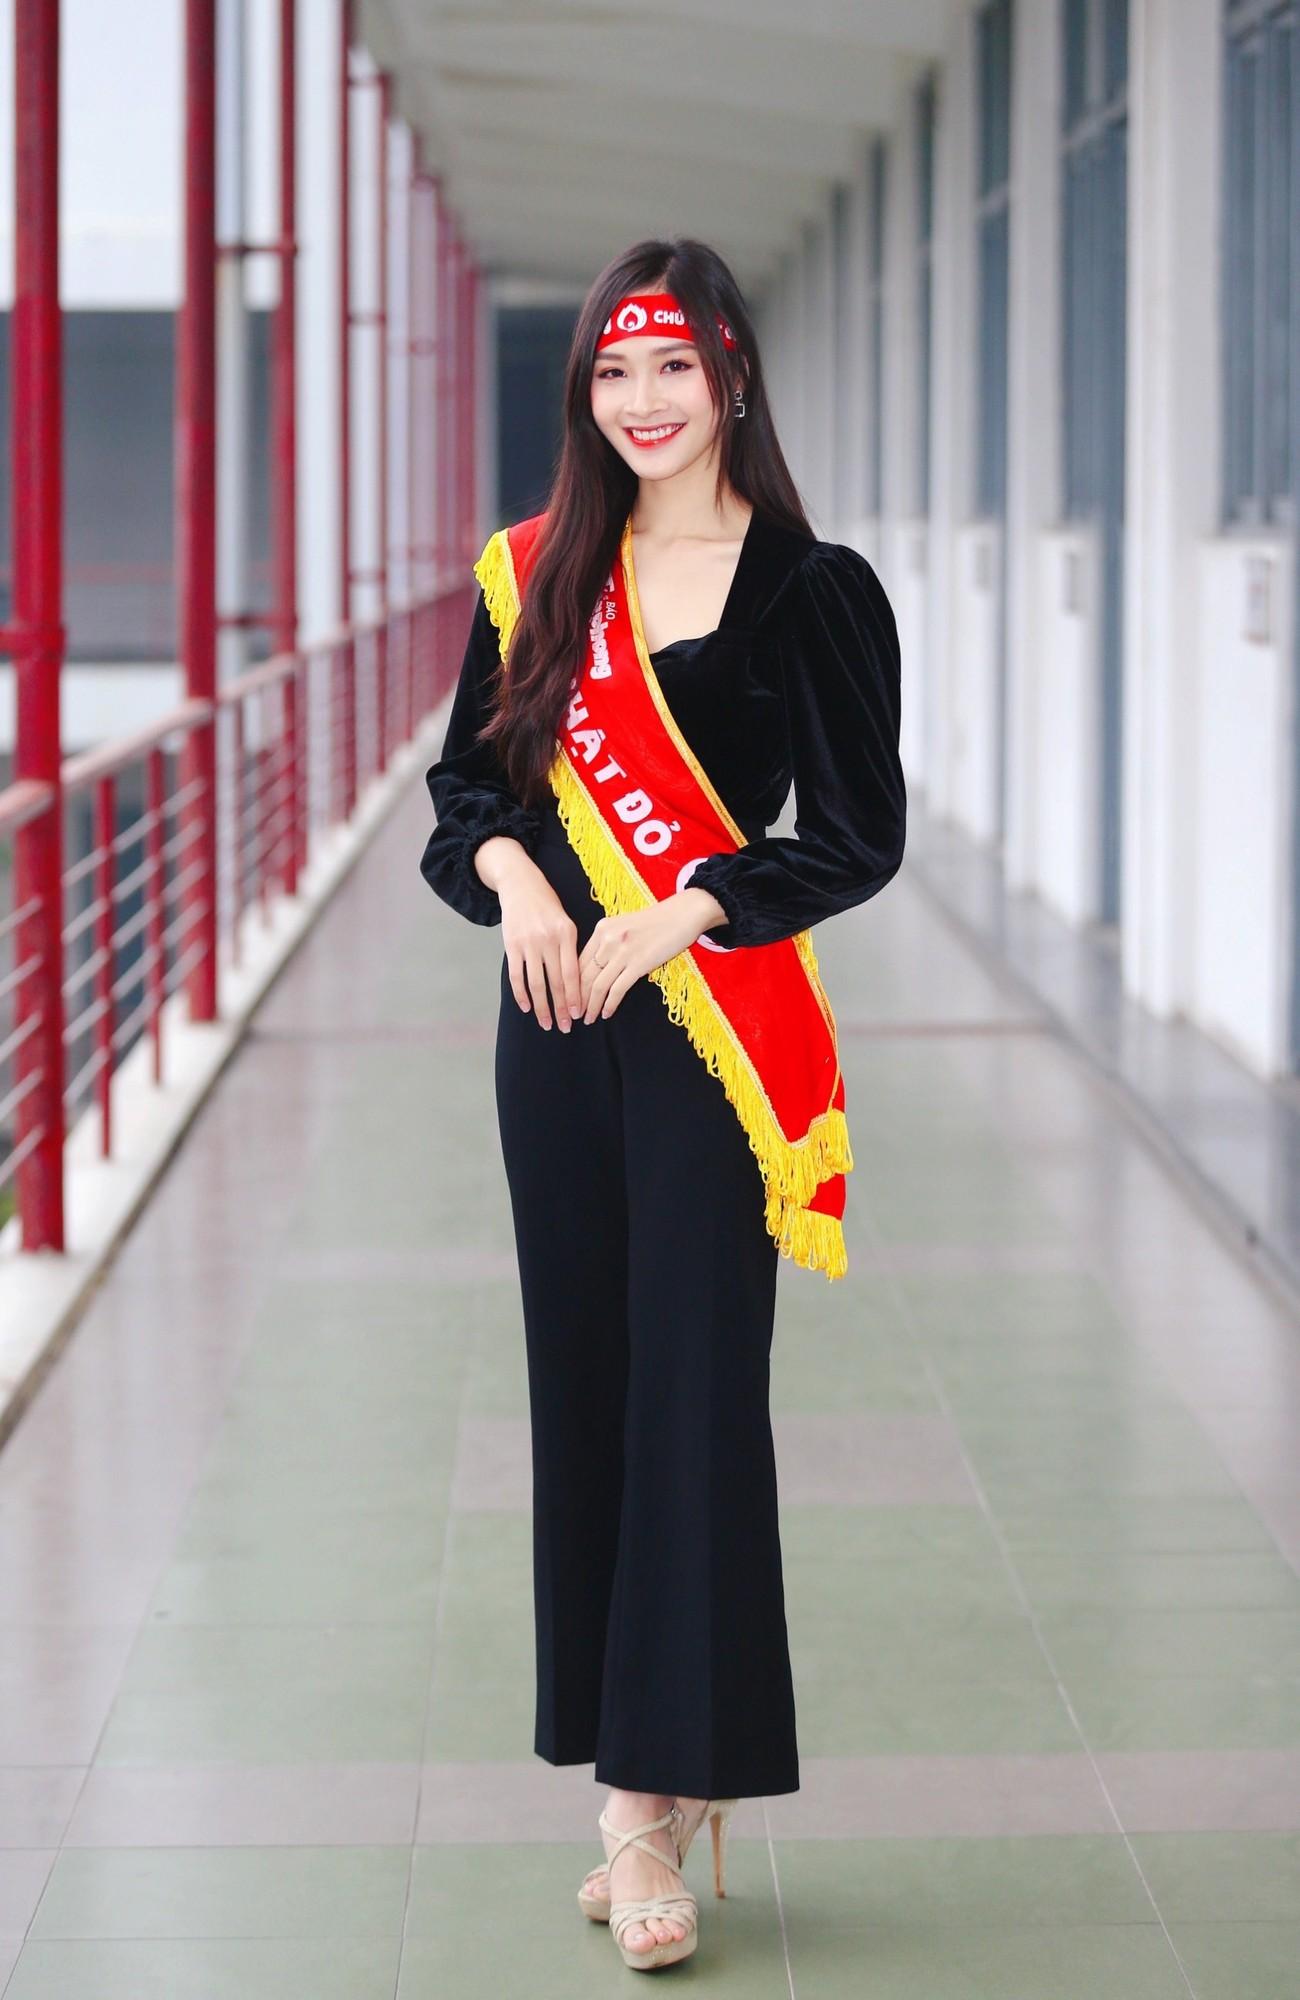 Hoa hậu Đỗ Thị Hà và Á hậu Phương Anh, Ngọc Thảo giản dị vẫn cực xinh đẹp ảnh 13